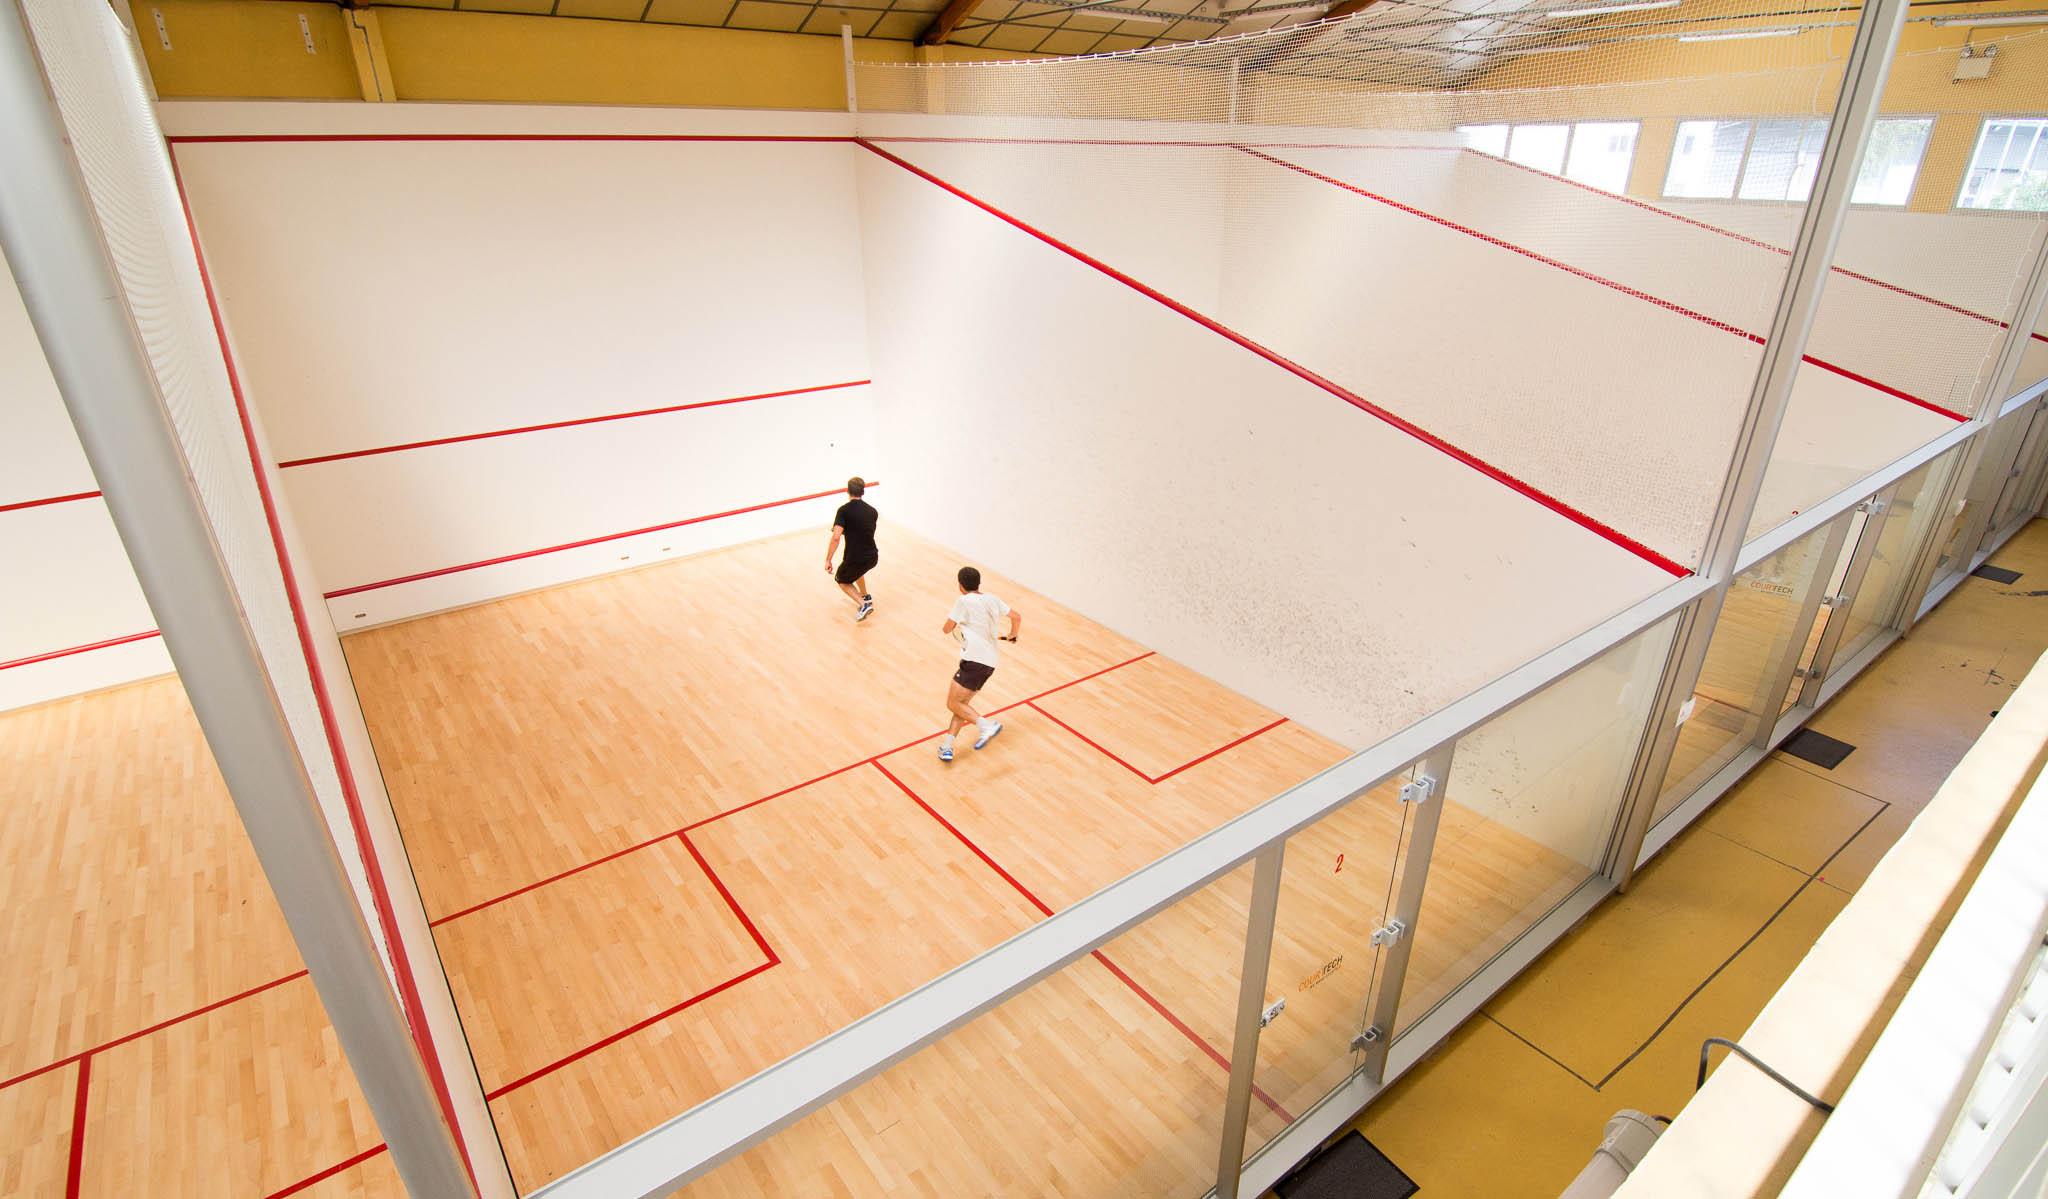 Vue globale des terrains de Squash chez D'Sport & Co - Club squash, beach indoor, cardio & zen, unique à Nantes